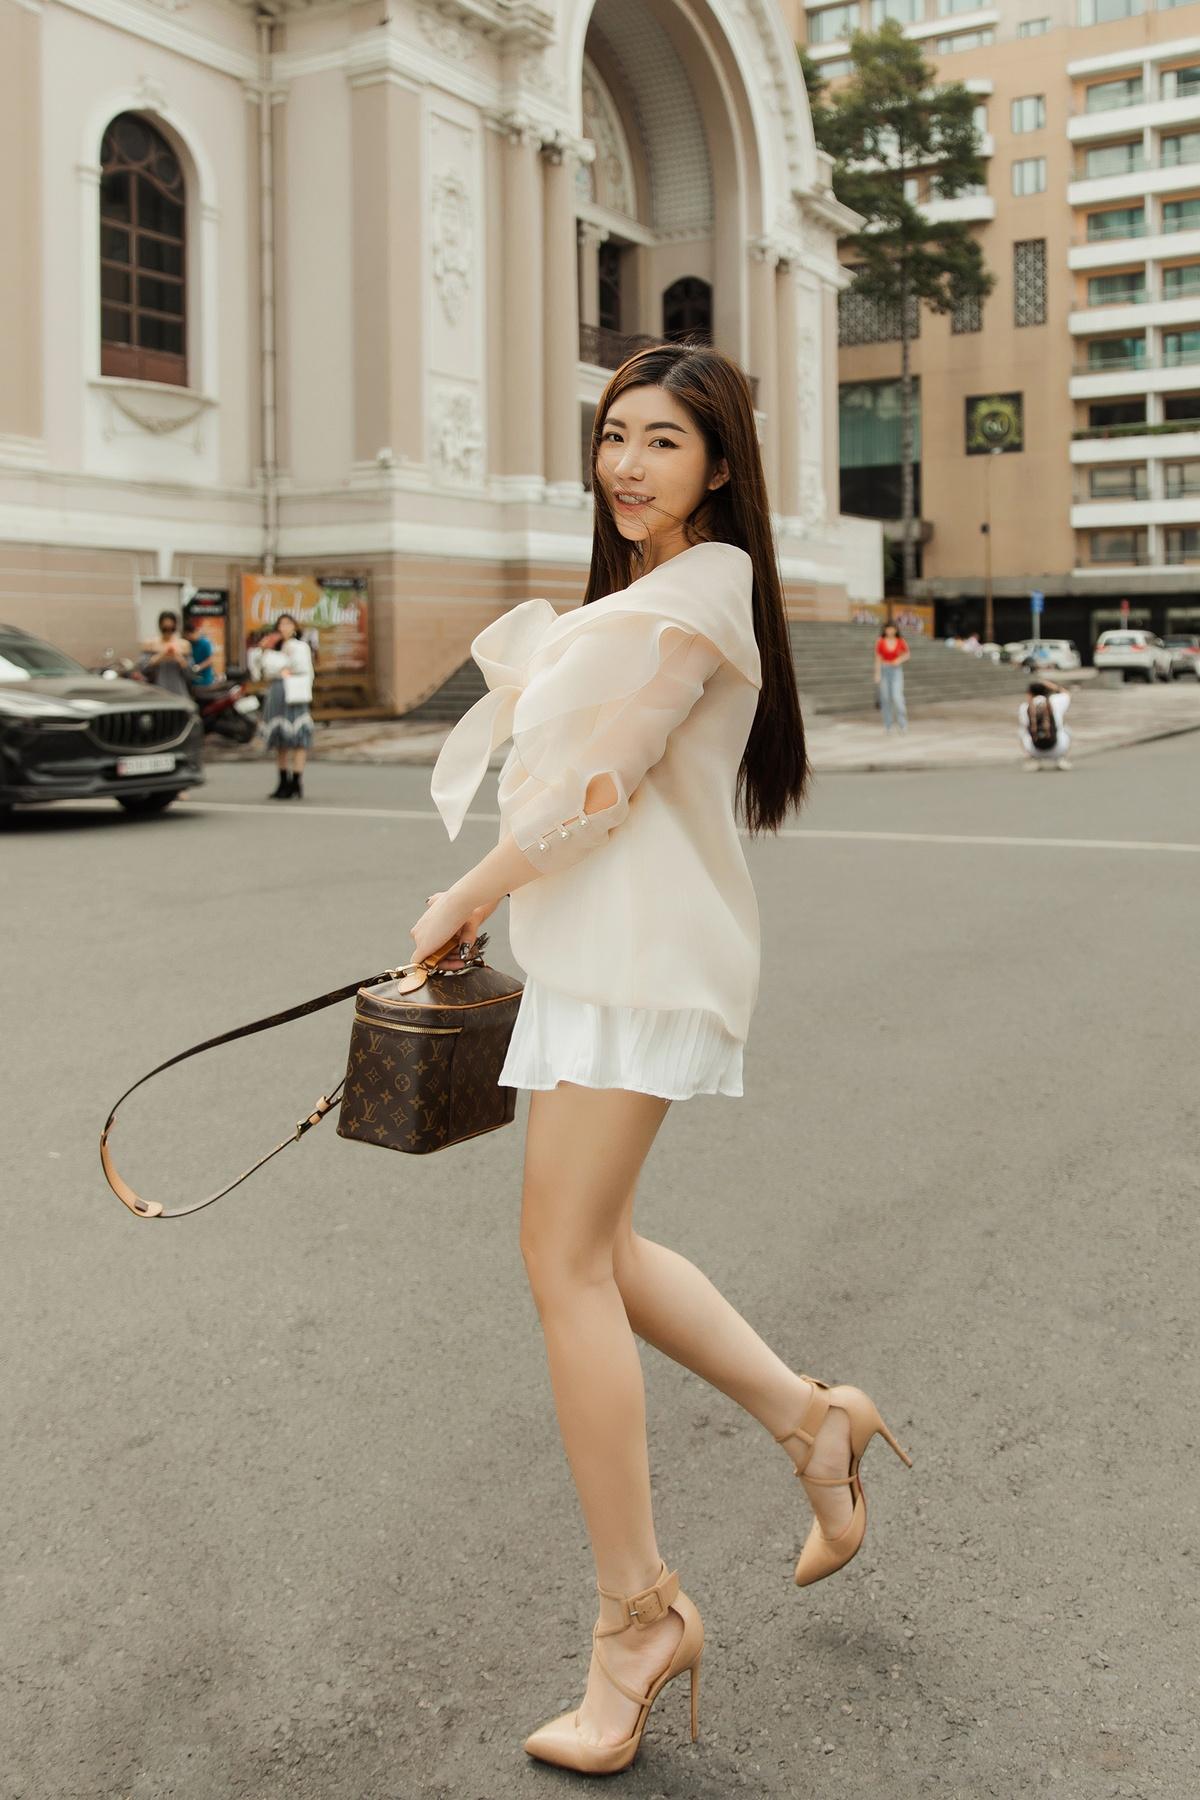 Với phong cách thanh nhã hơn, Amanda Baby chọn chiếc áo có thiết kế nơ to bằng chất liệu vải lụa dệt lưới, mang đến cảm giác mát nhẹ, kết hợp cùng chân váy ngắn để khoe đôi chân thon dài.